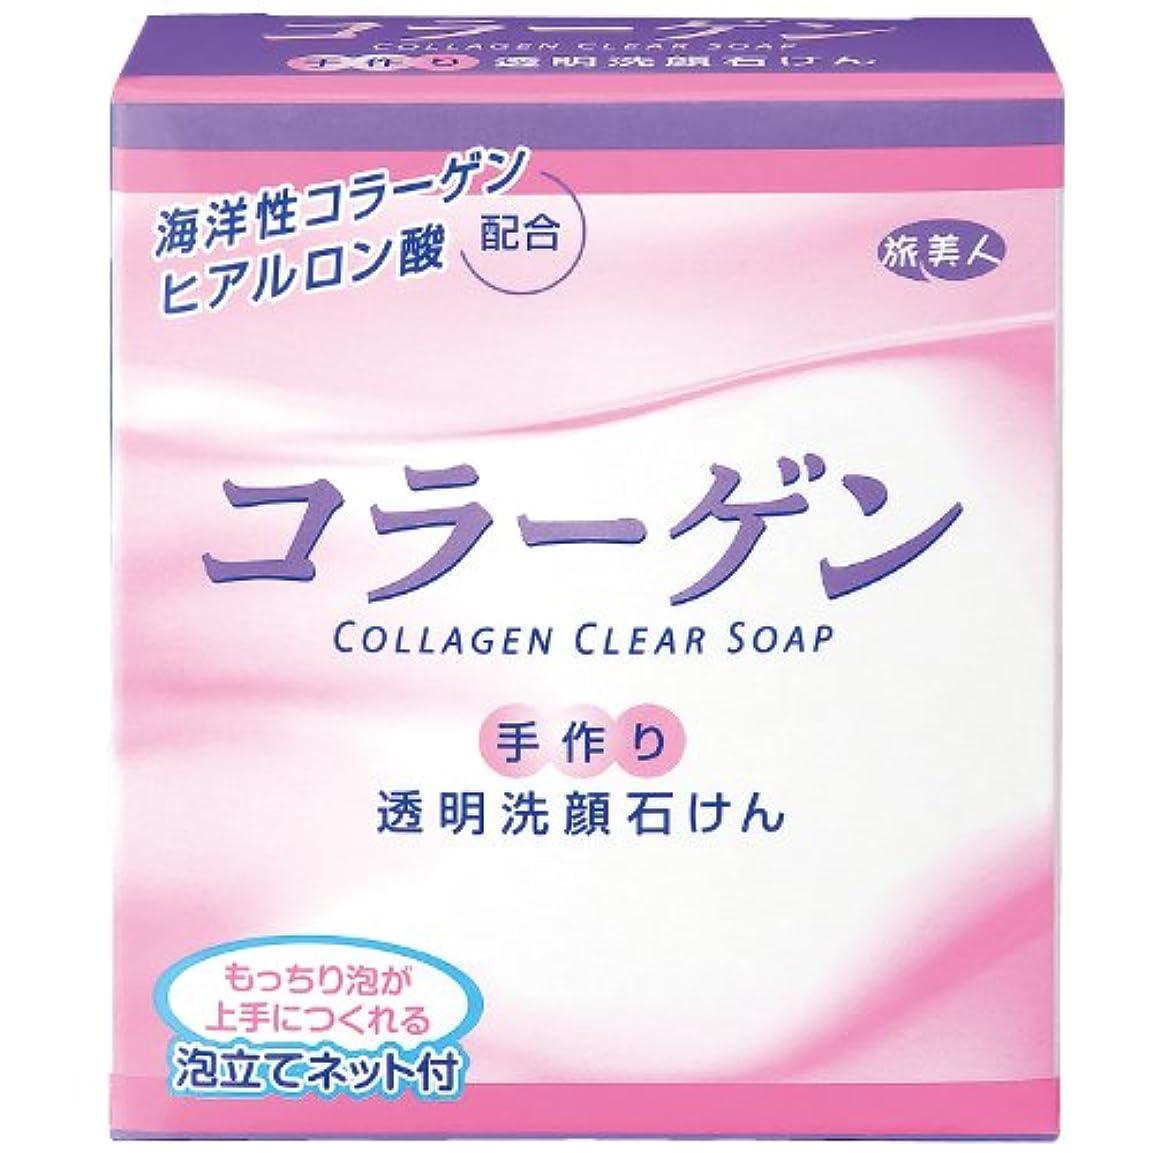 起きているピカソ馬鹿げたアズマ商事の コラーゲン透明洗顔石鹸 手作り